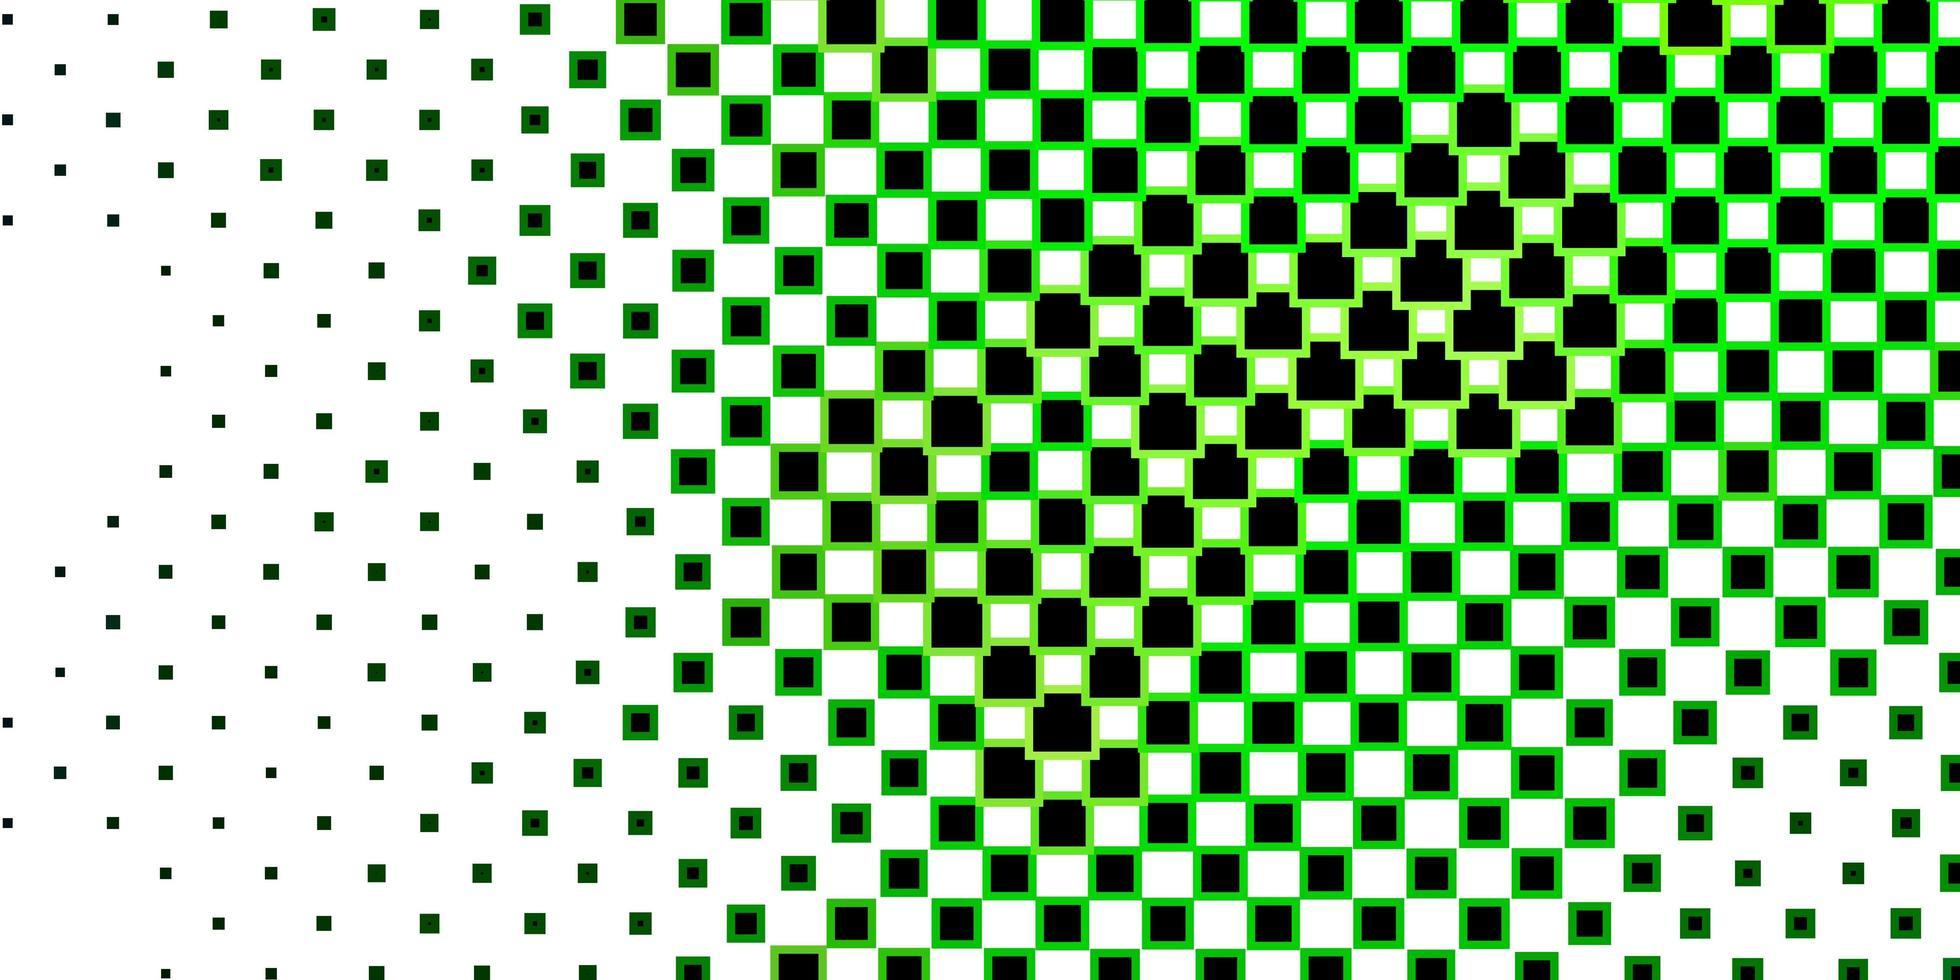 fond vert foncé avec des rectangles. vecteur